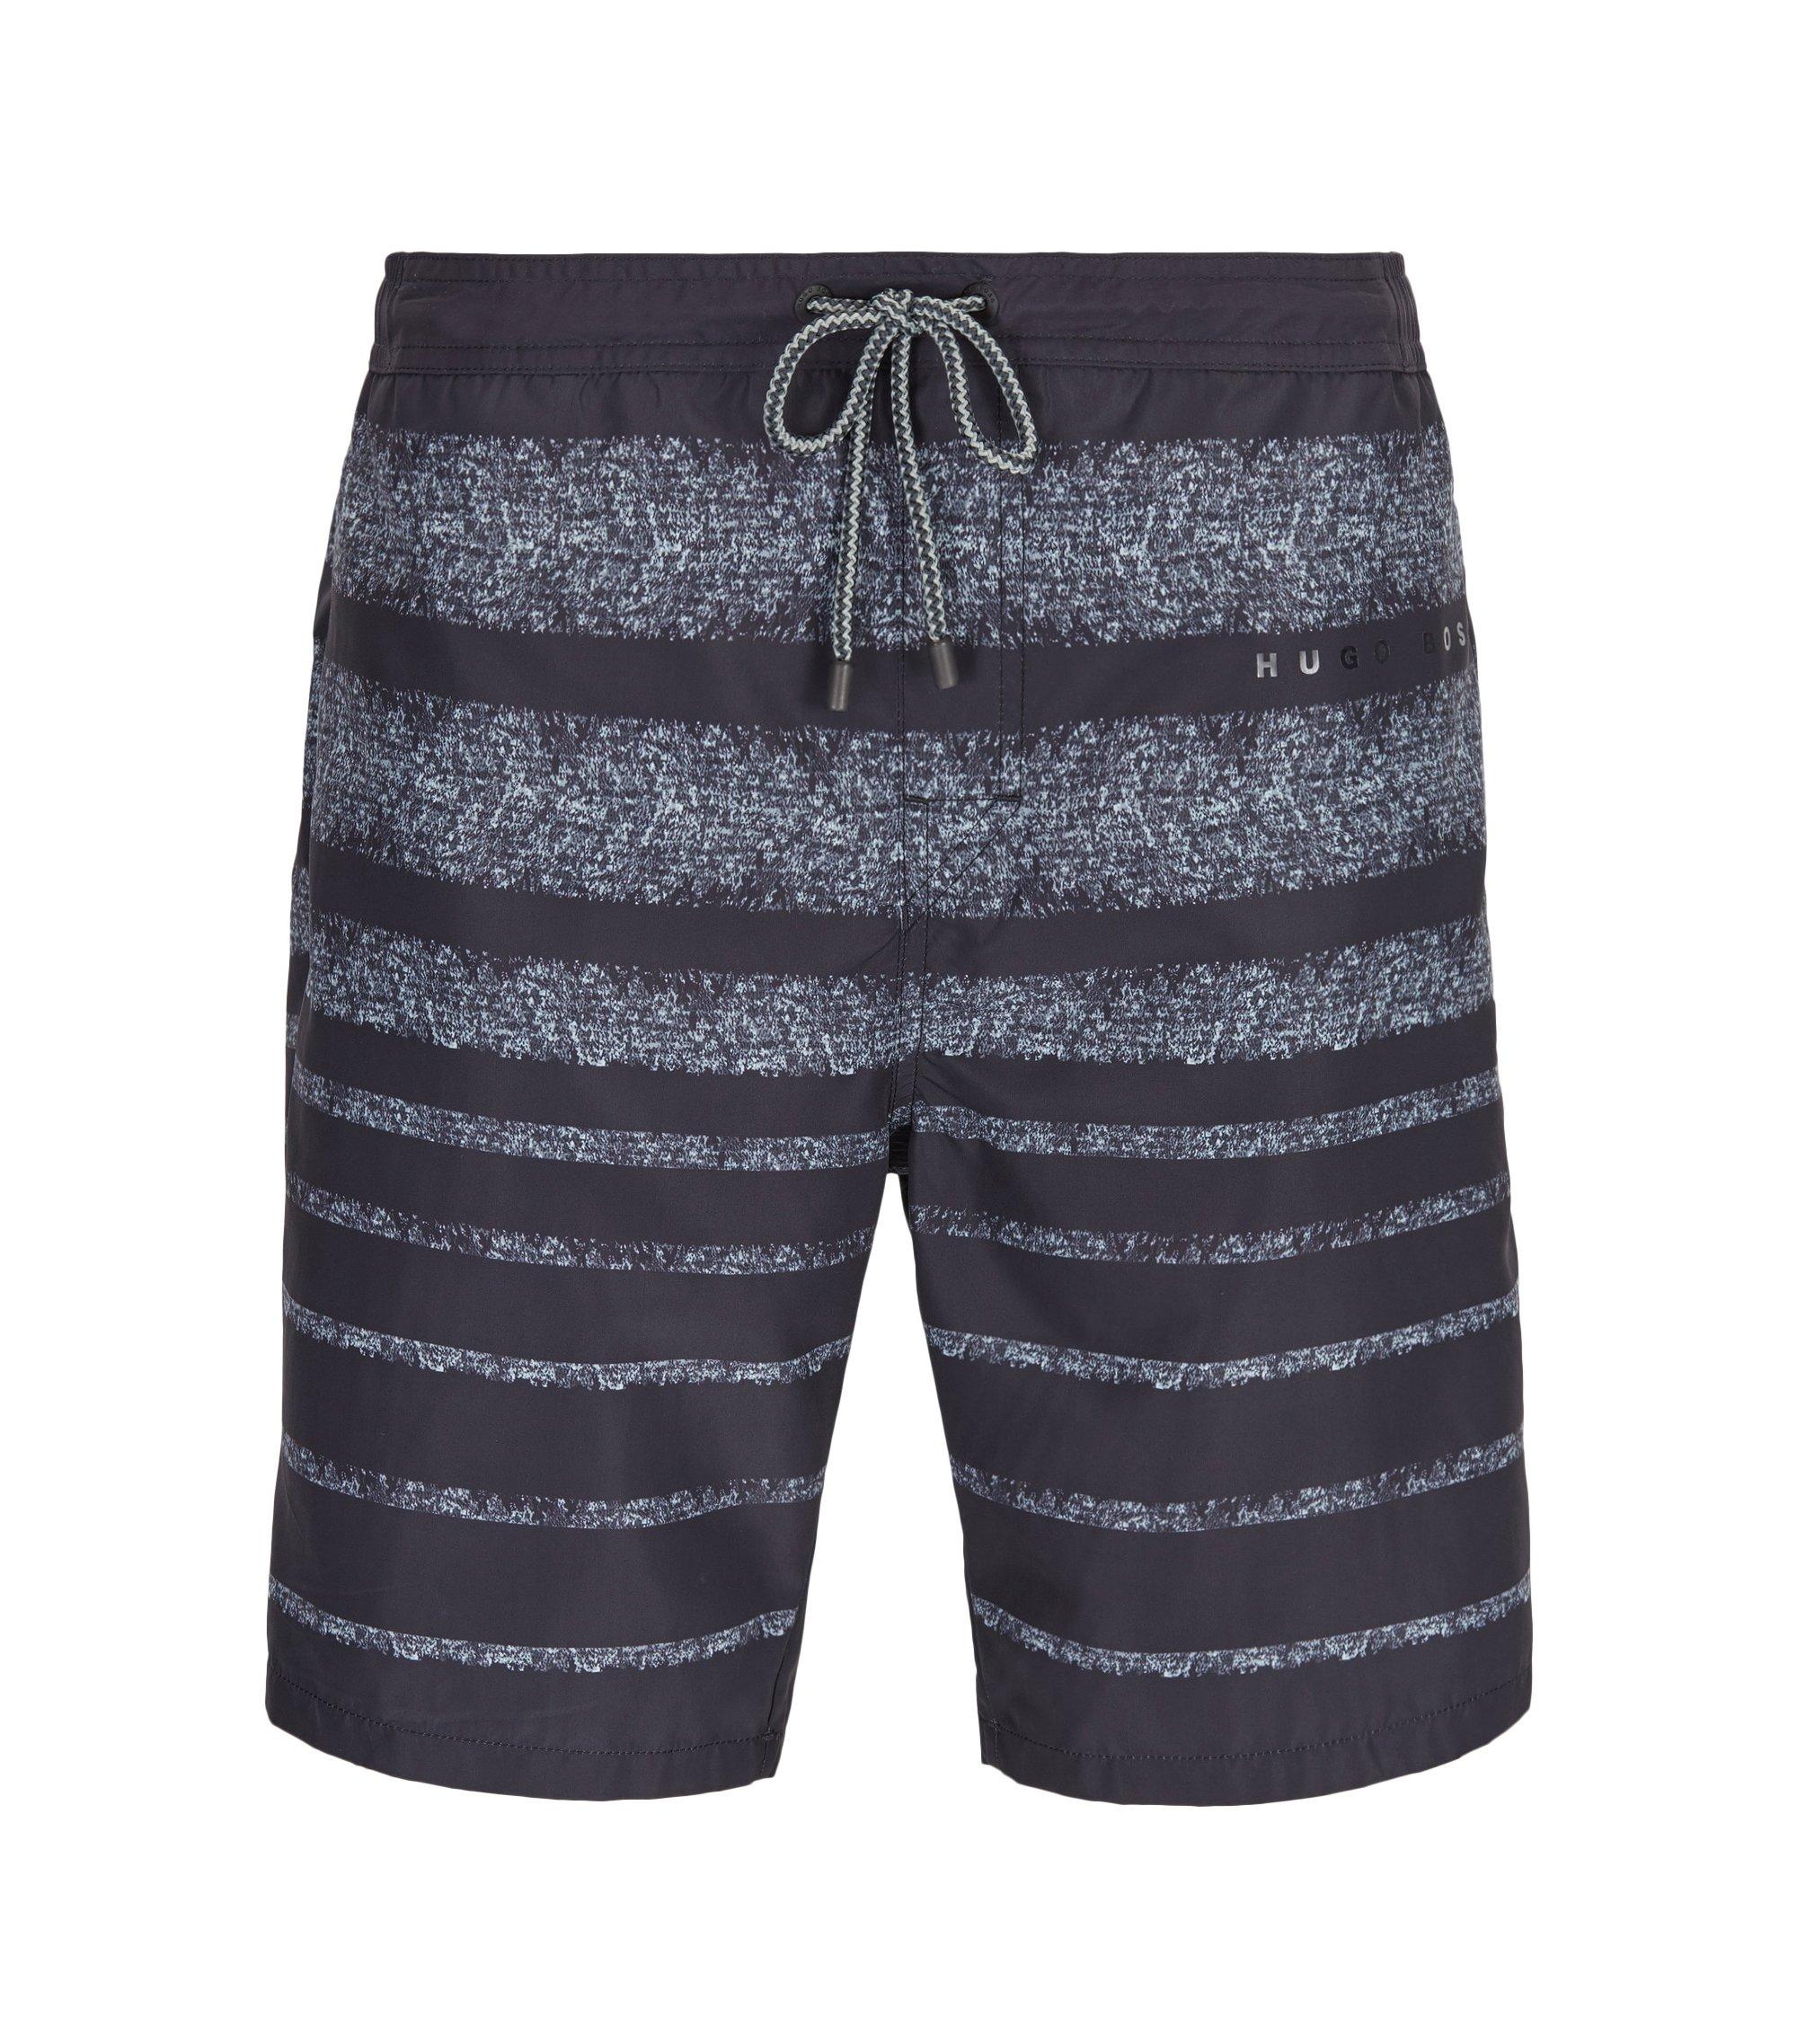 Bañador short a rayas largo en tejido técnico con función de secado rápido, Gris oscuro